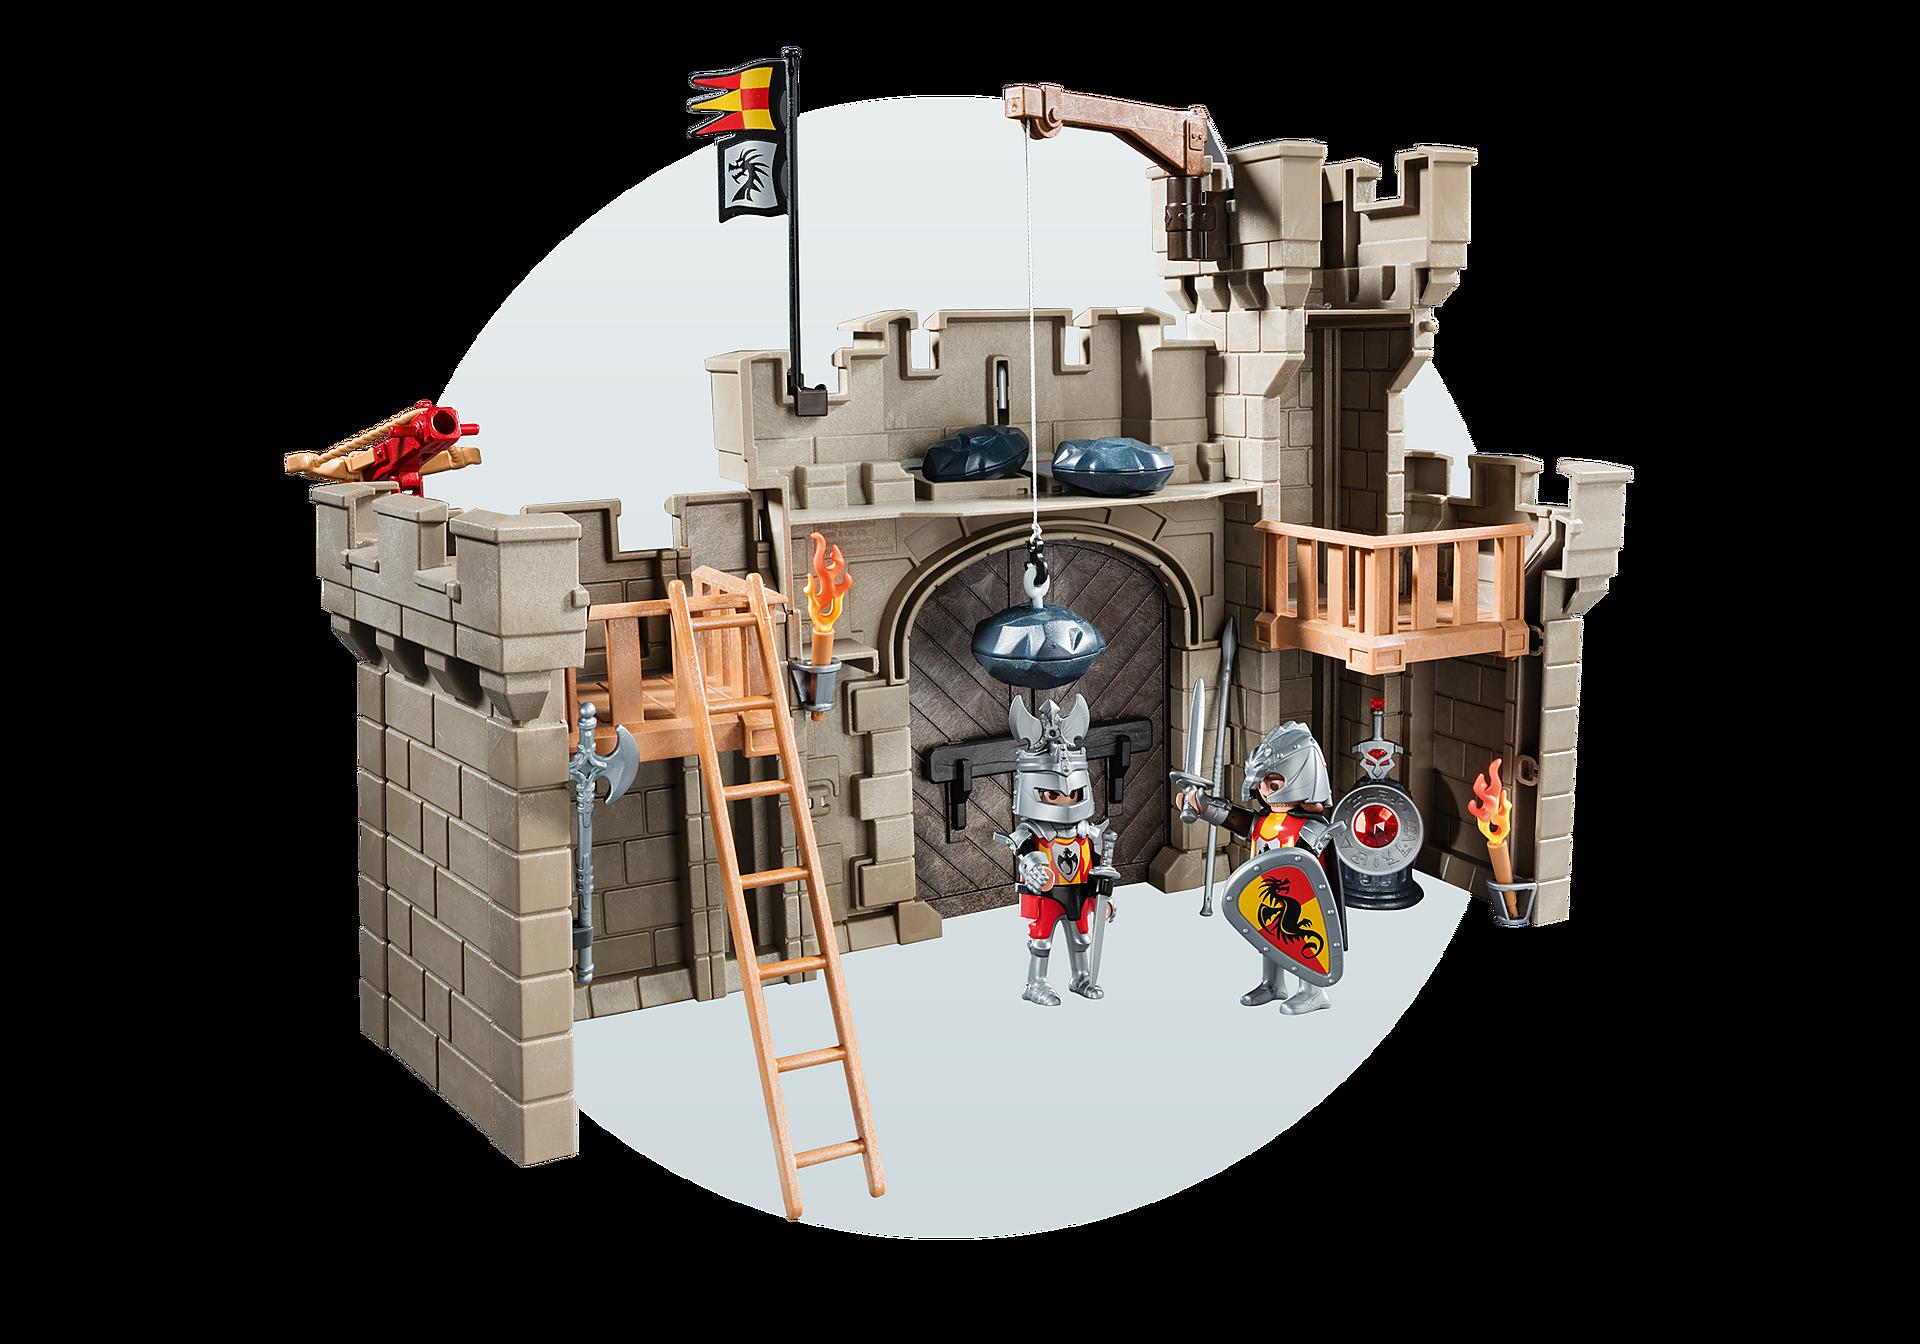 http://media.playmobil.com/i/playmobil/5670_product_extra5/Set Castelo de Cavaleiros